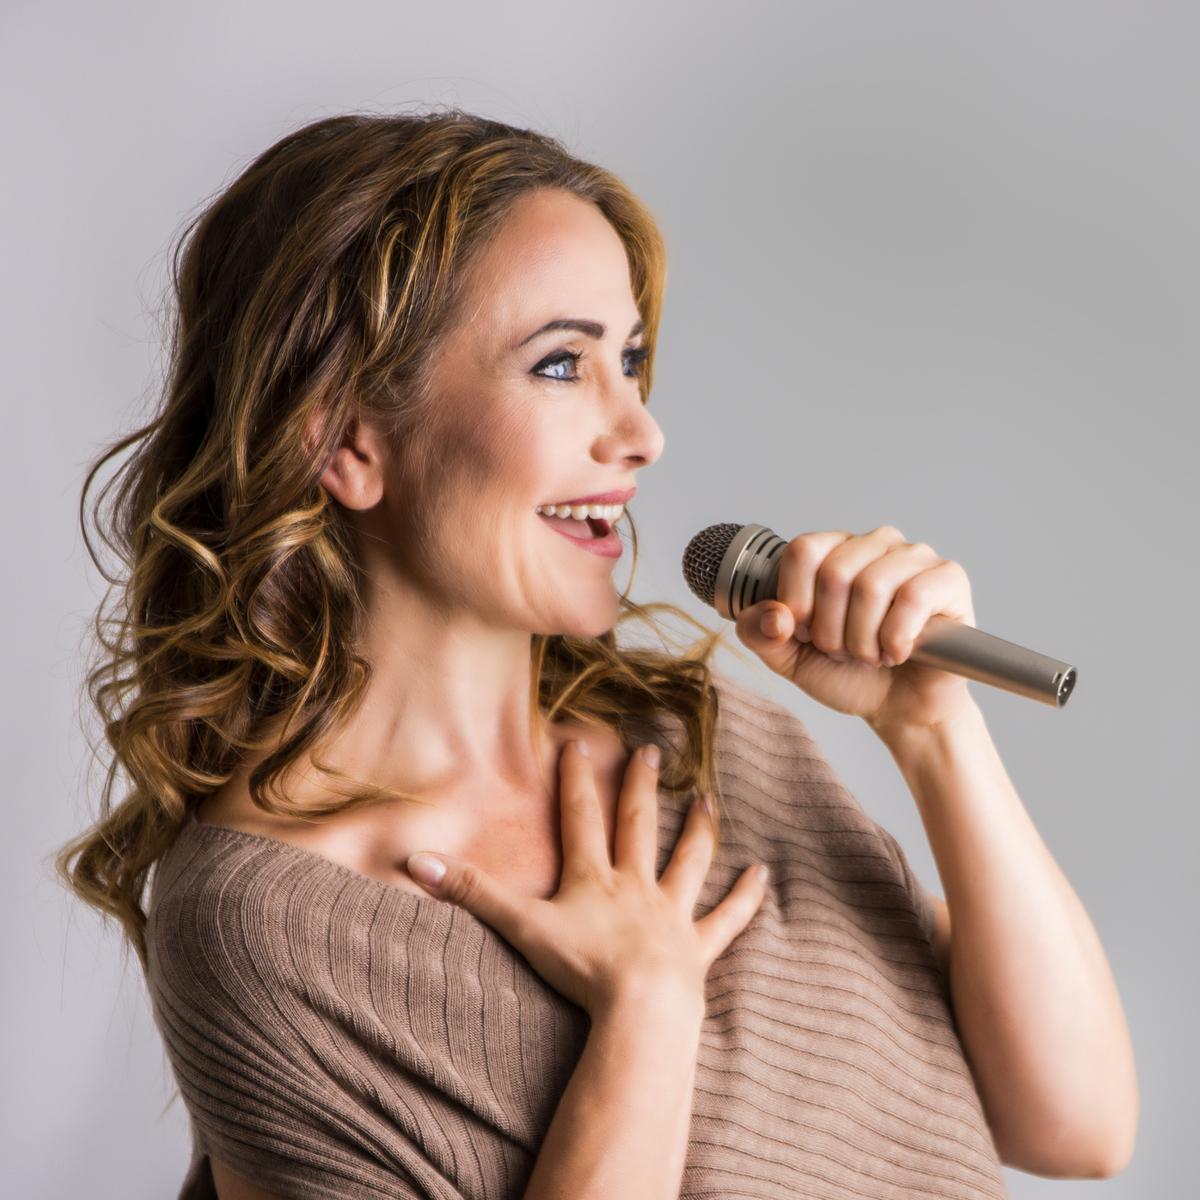 Sangundervisning - Lær øvelser og teknikker som:- Er sjangeruavhengige og tilpasset ditt nivå- Forbedrer pust og støtte- Motvirker spenninger i halsen når du synger- Utvider stemmeomfanget- Gir mer stemmekraft og flere klangmuligheter- Optimaliserer kroppens muskelkoordinasjonVelkommen til undervisning i mitt nye sangstudio på Selsbakk i Trondheim.NB! Nye priser fra 1.1.2019. Les mer her…